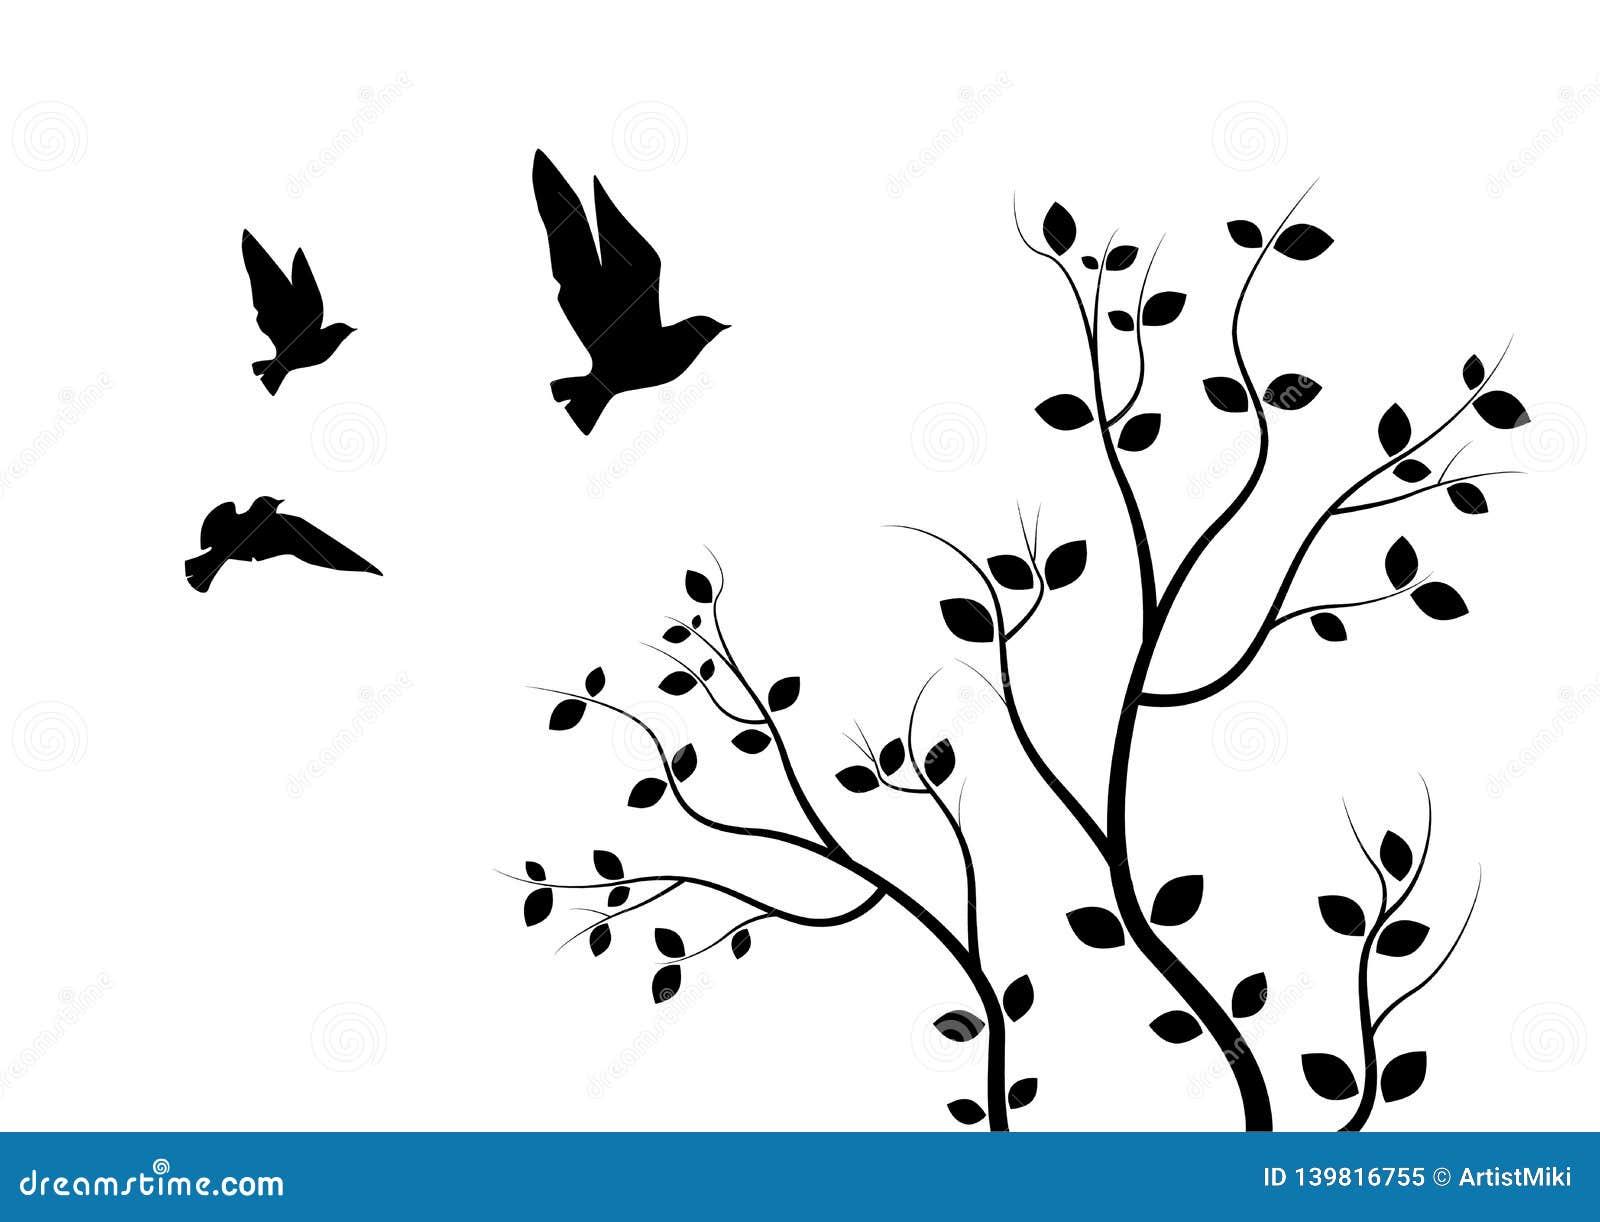 Latający ptaki Na gałąź, Ścienni Decals, sztuka projekt, Latający ptaki na Drzewnej ilustracji pojedynczy białe tło